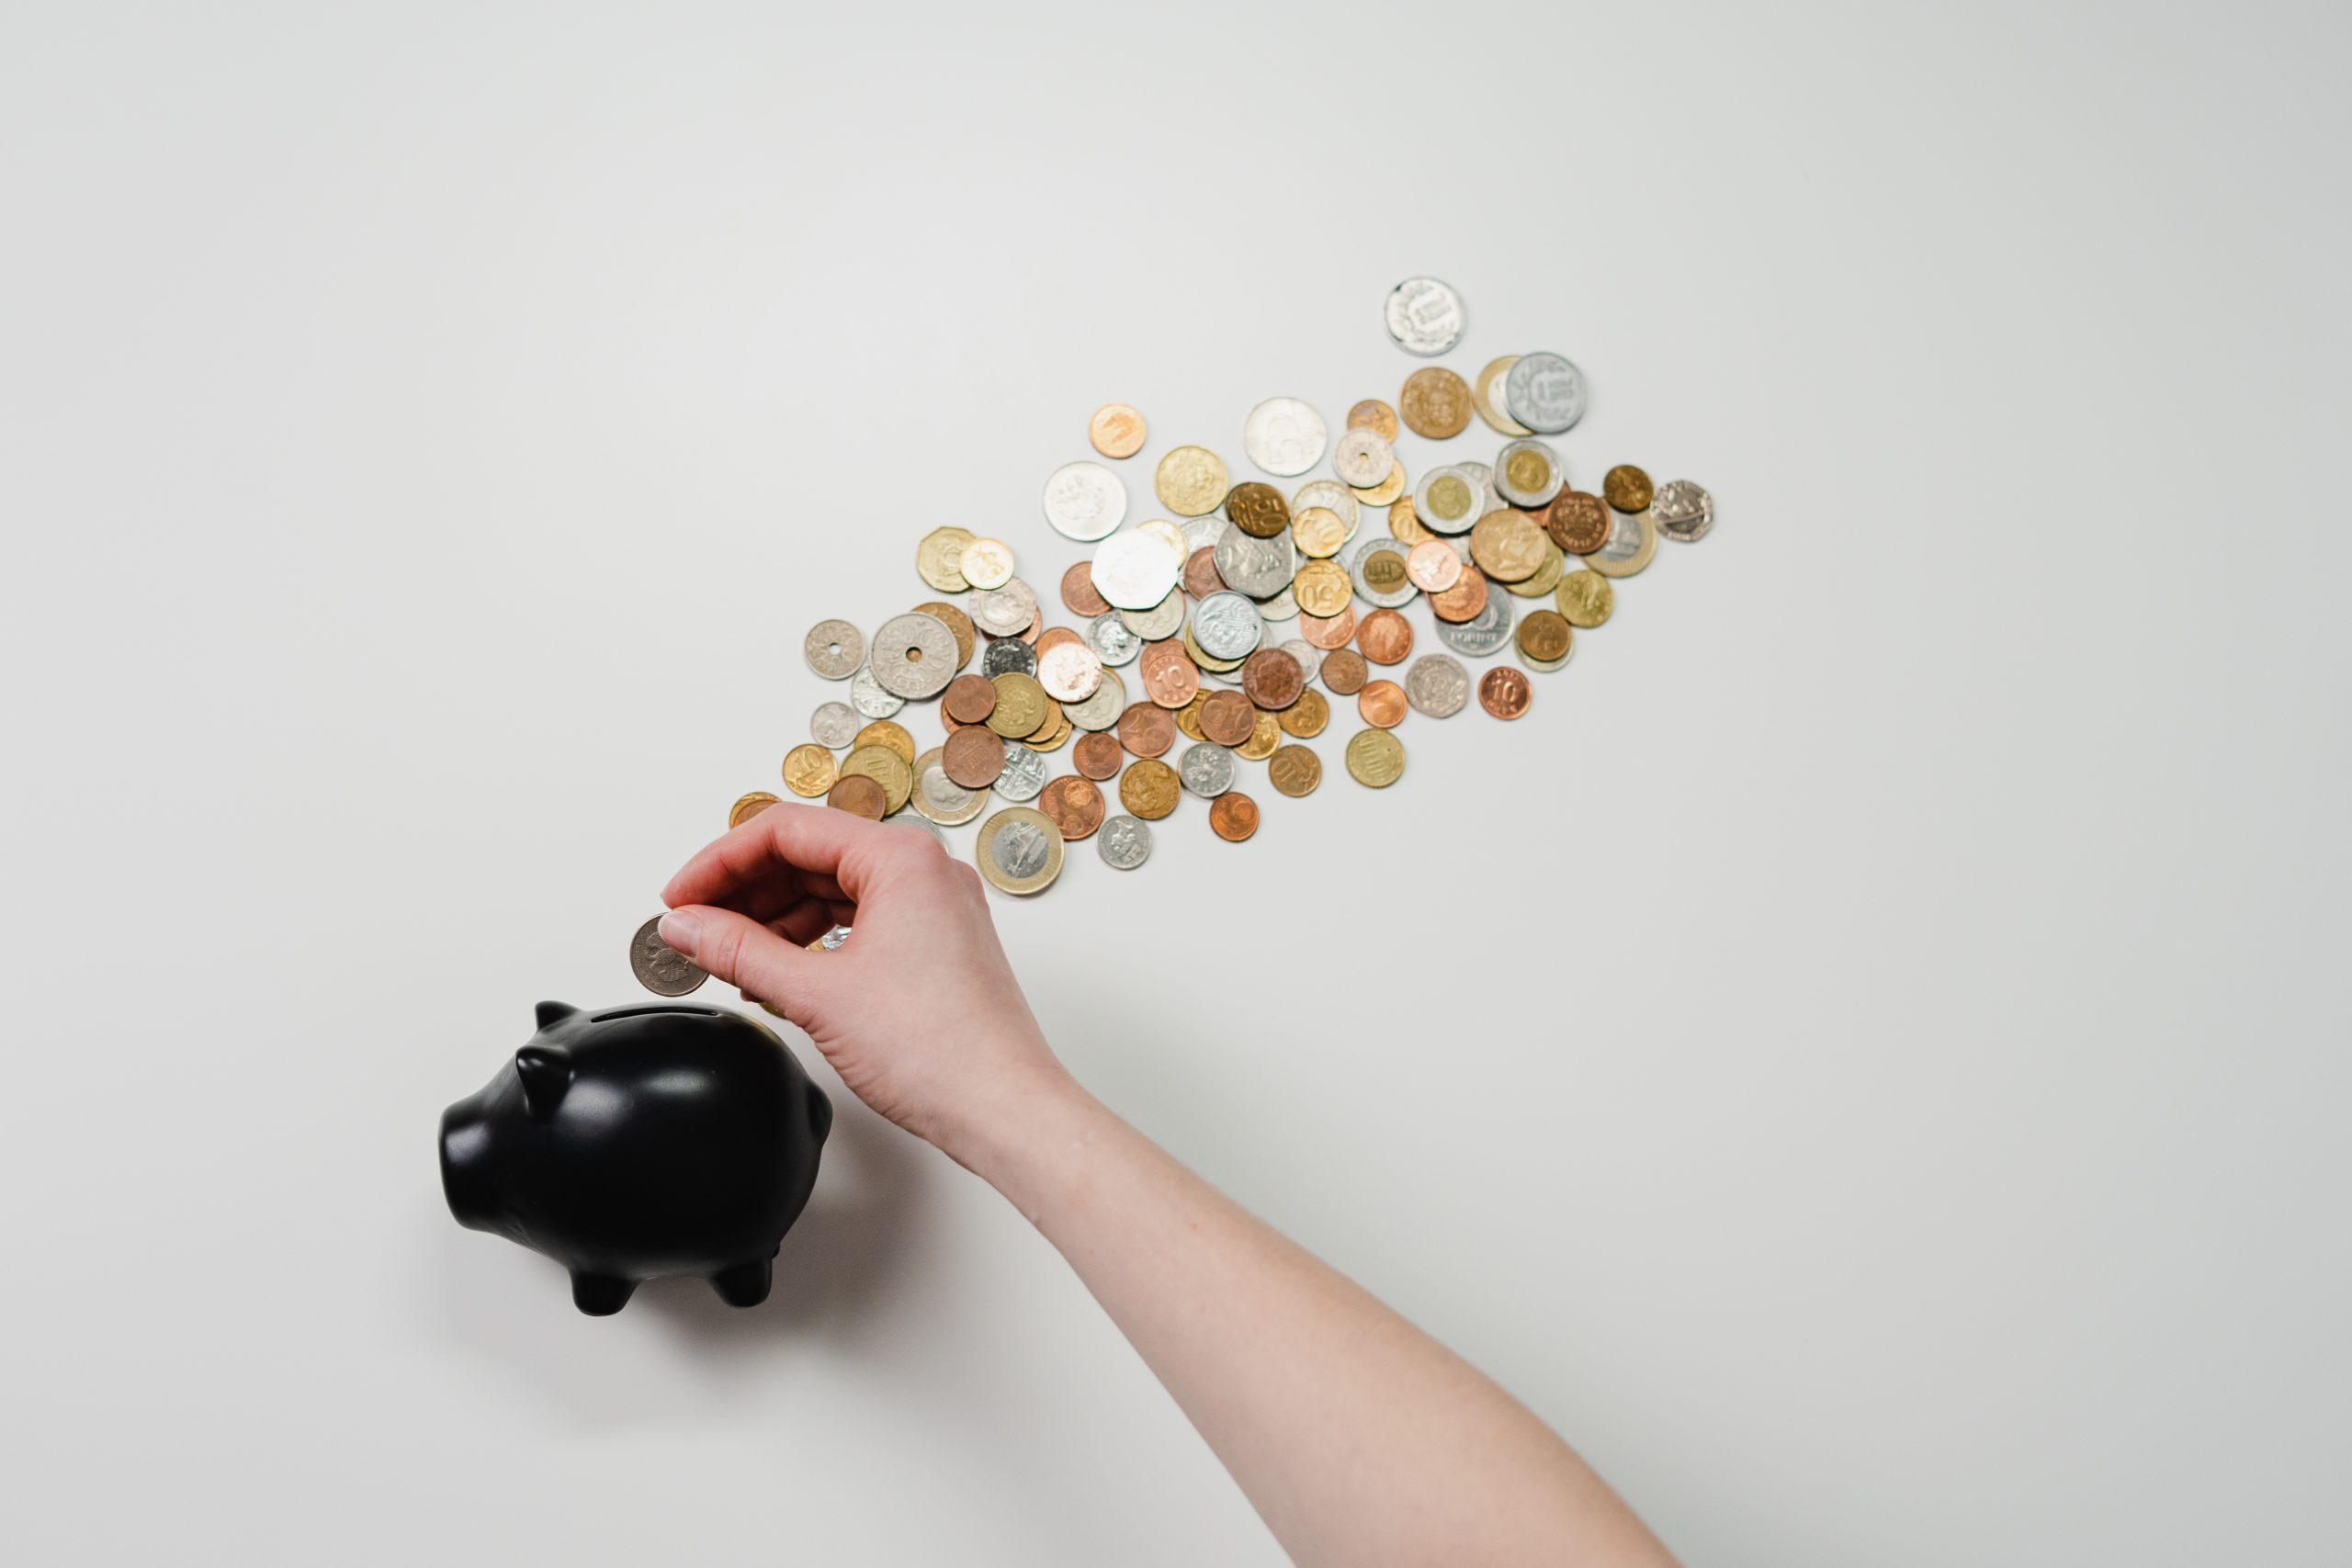 kraamgeld startbedrag aanvragen